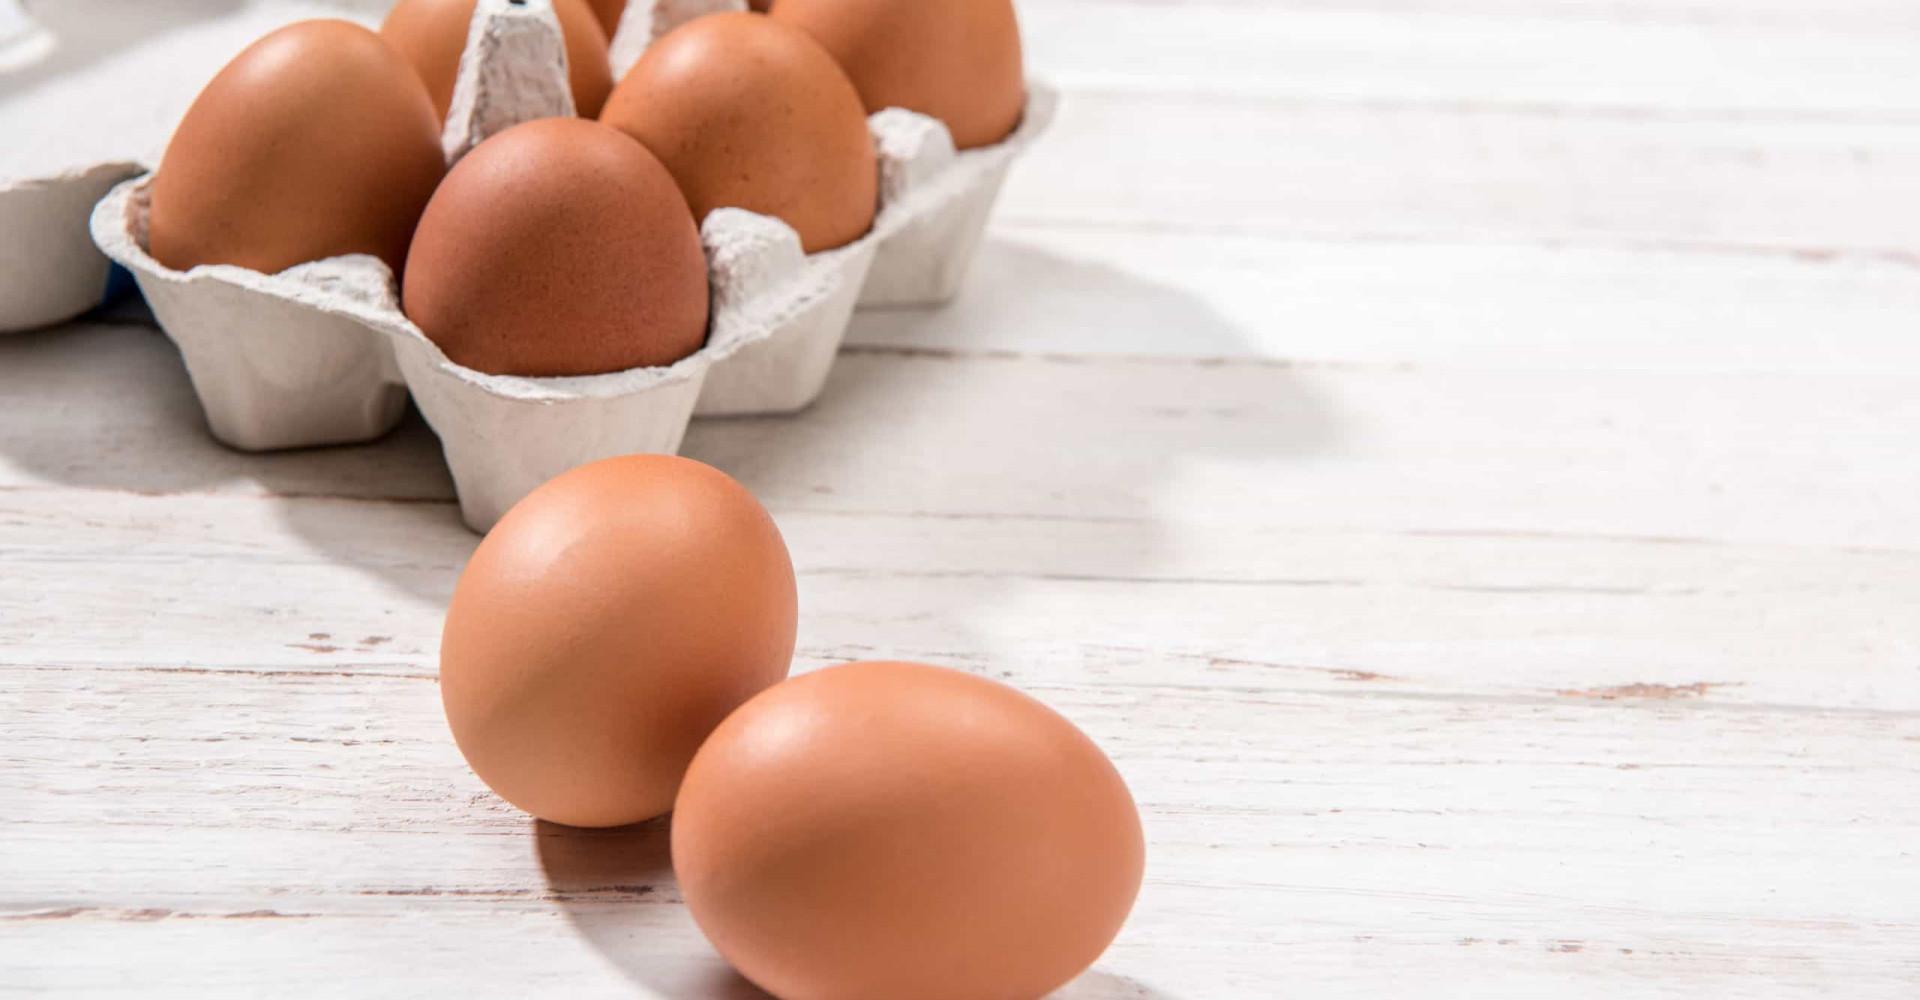 Zijn scharreleieren even gezond als biologische eieren?